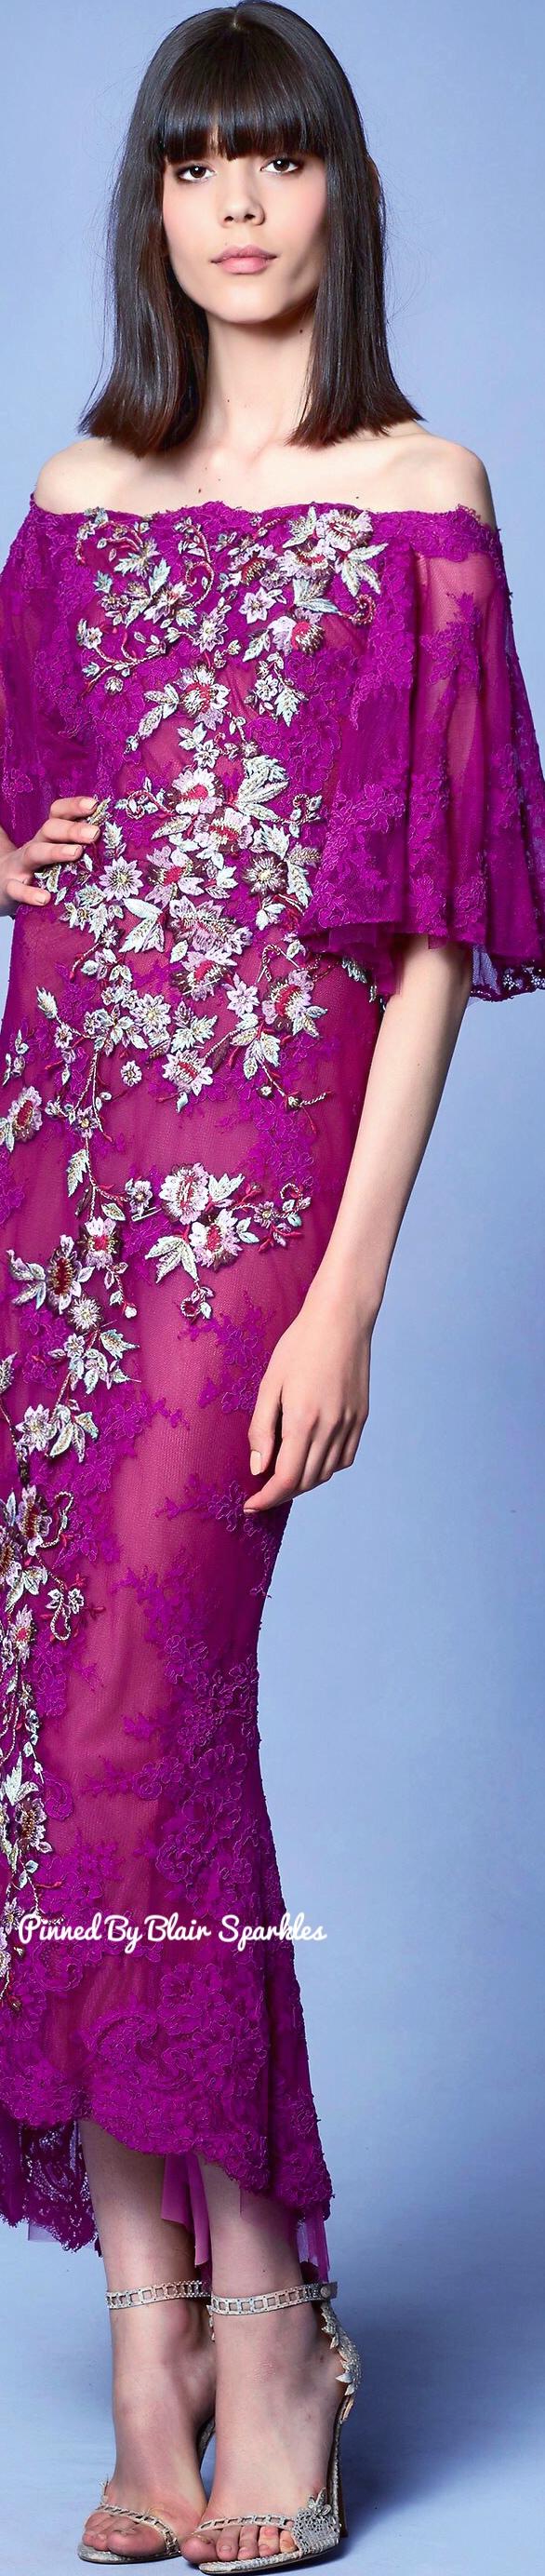 Único Blair Waldorf Vestidos De Dama Colección de Imágenes ...